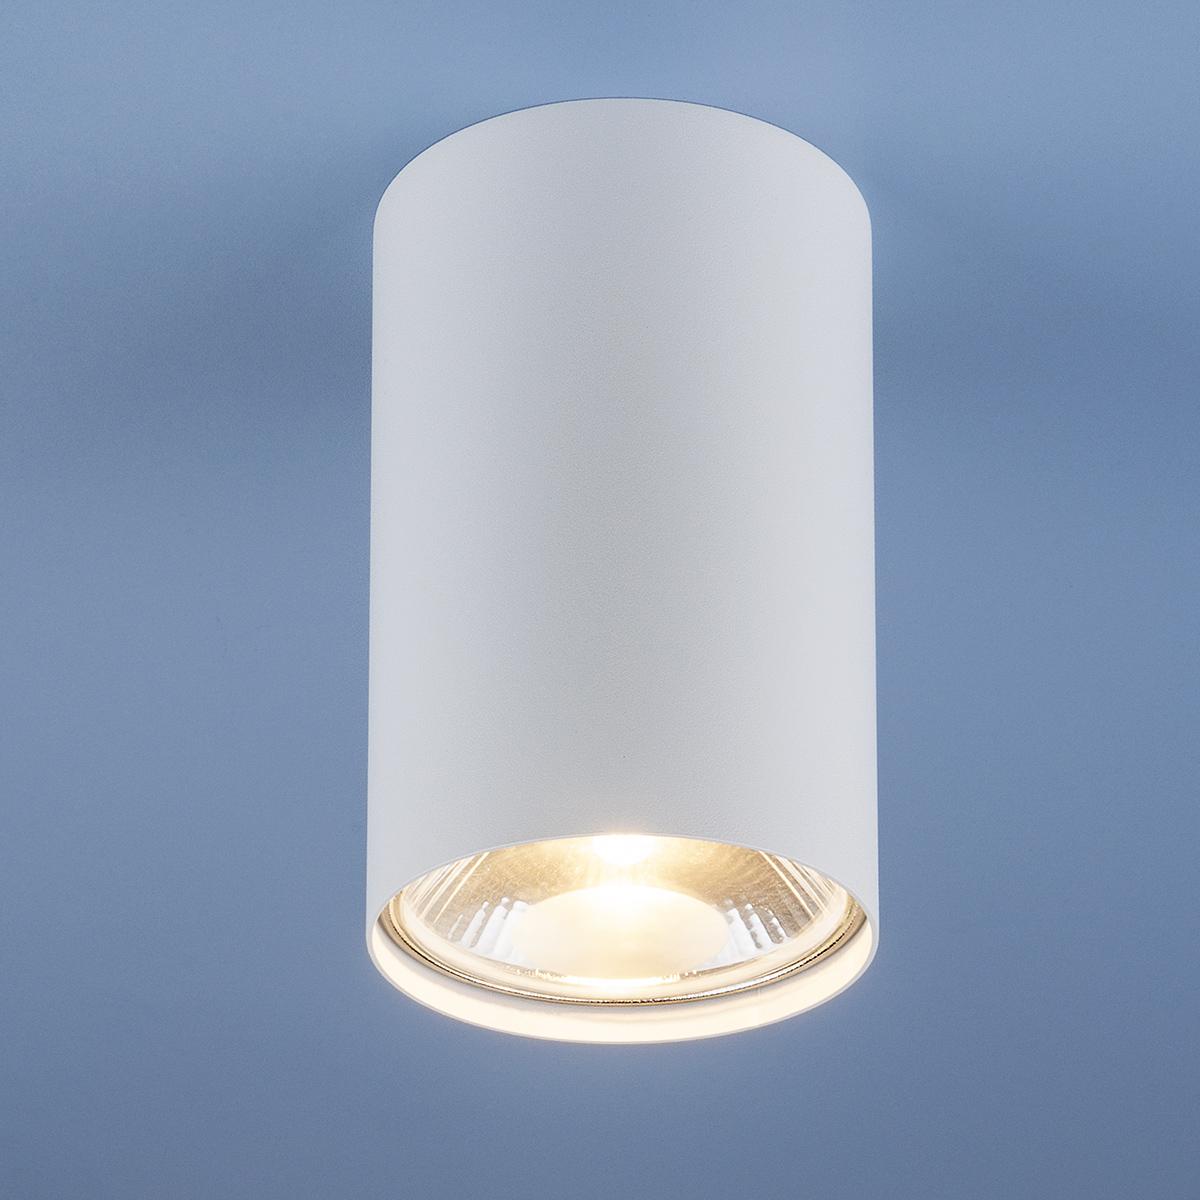 Накладной точечный светильник 6873 белый